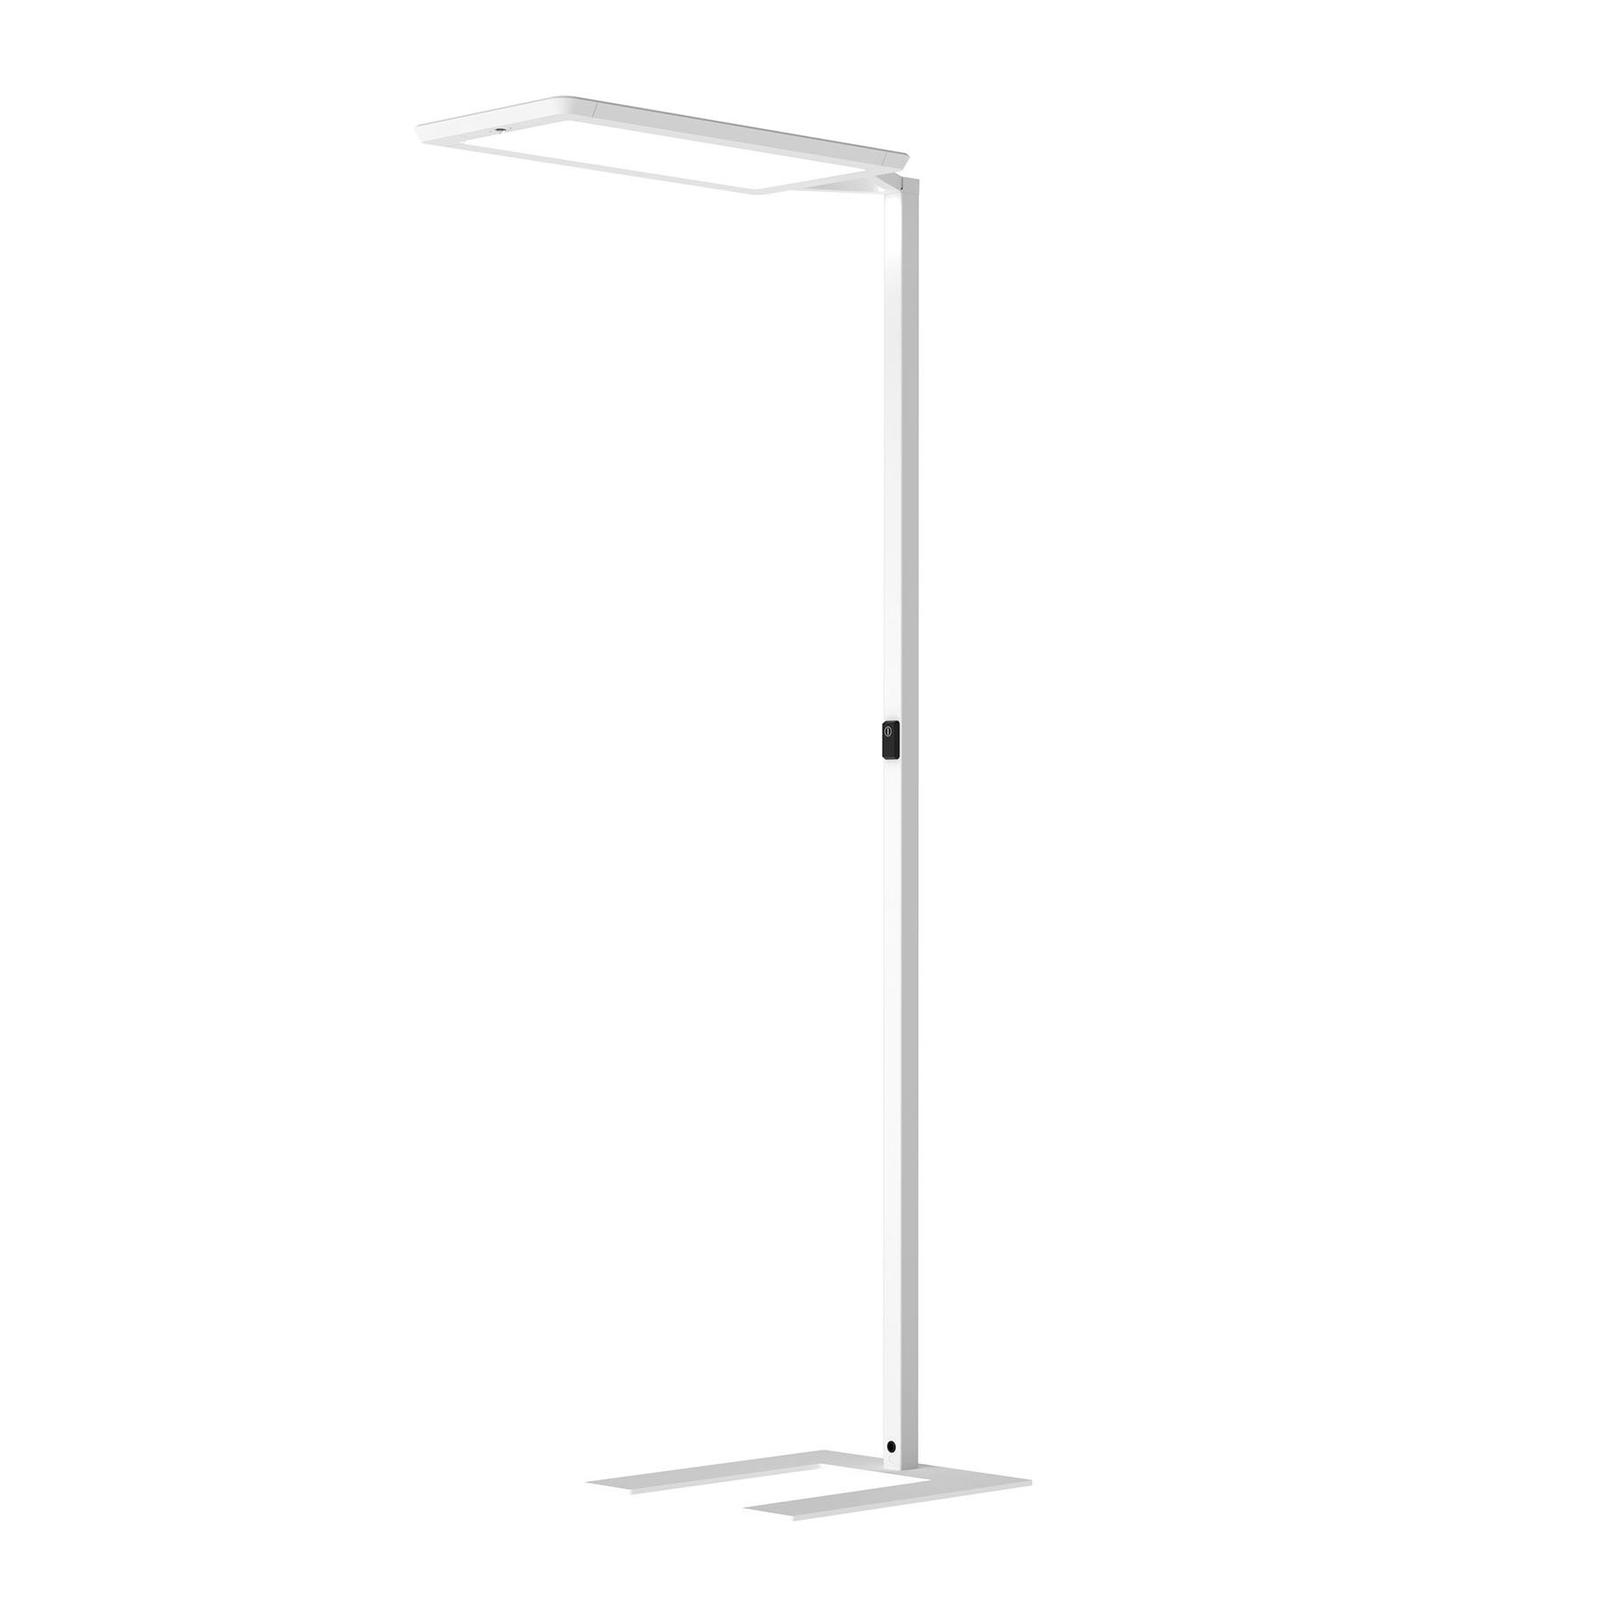 LED-Stehlampe Yara.single 4.000K, BT, PIR, weiß